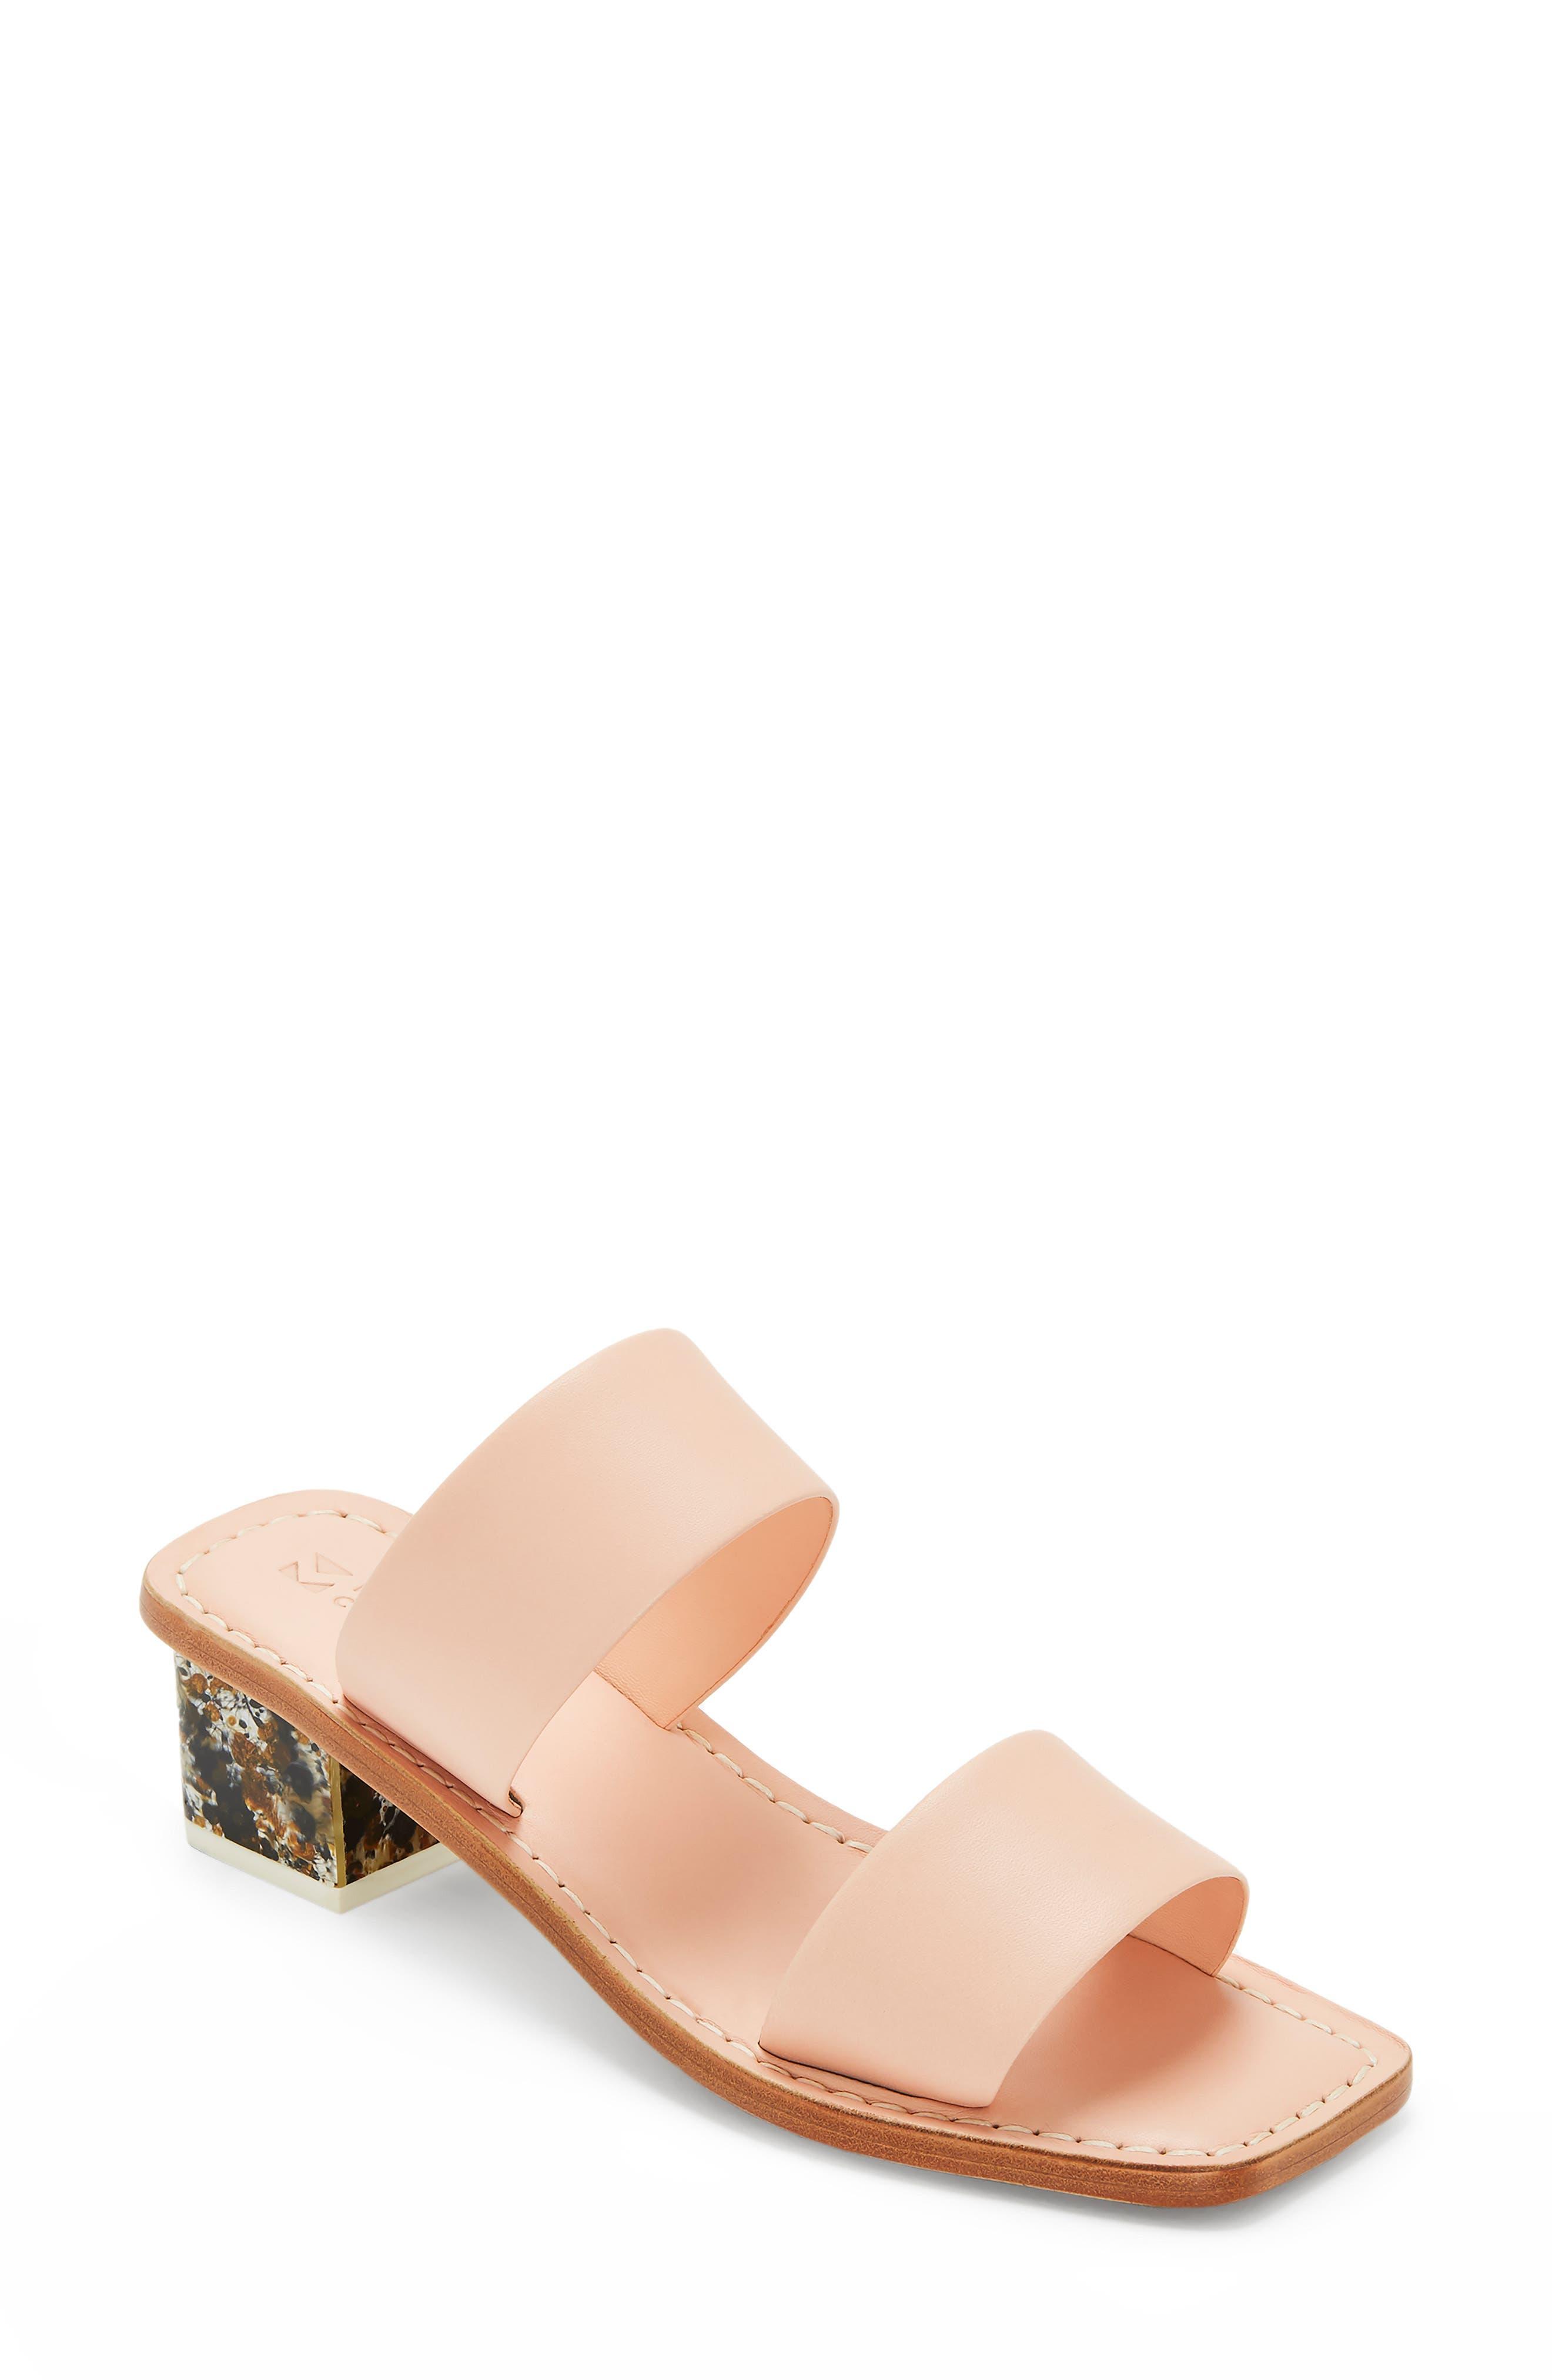 Lavina Slide Sandal by Mercedes Castillo